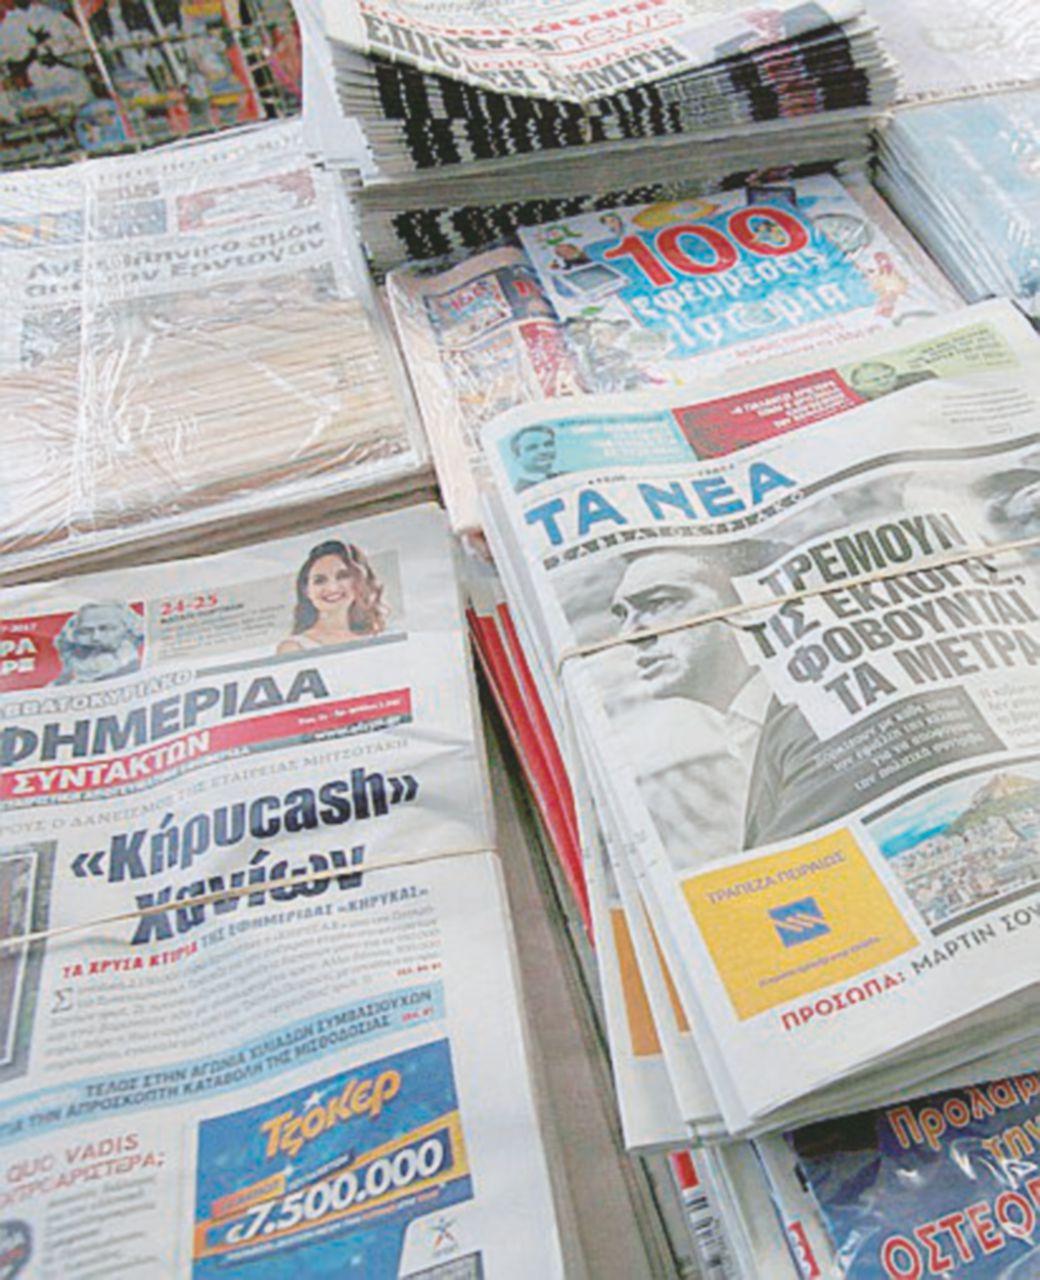 Thanassis ovvero lo tsunami visto da una redazione